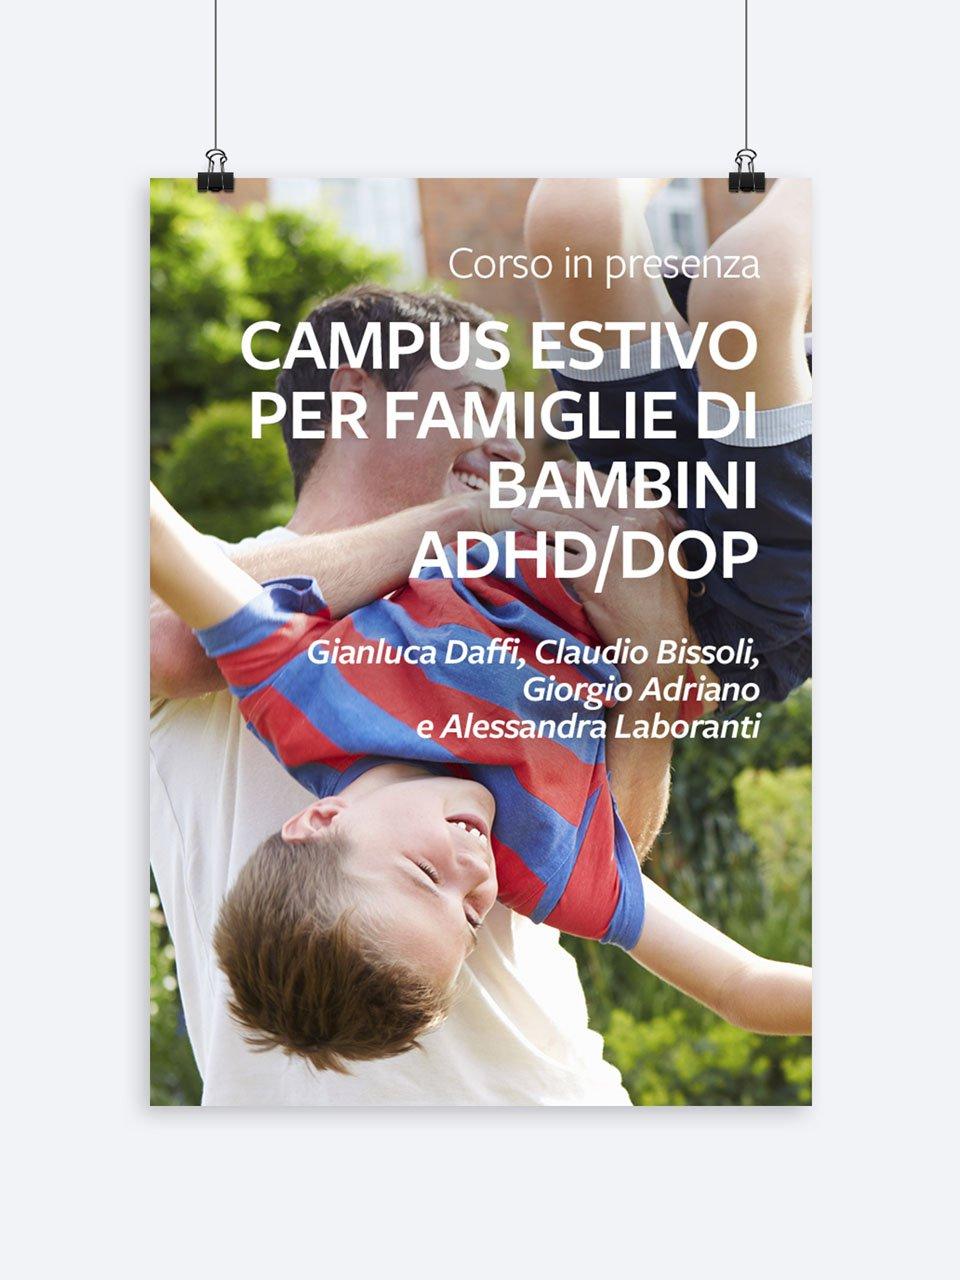 Campus estivo per famiglie di bambini ADHD/DOP - La regolazione delle emozioni in psicoterapia - Libri - Erickson